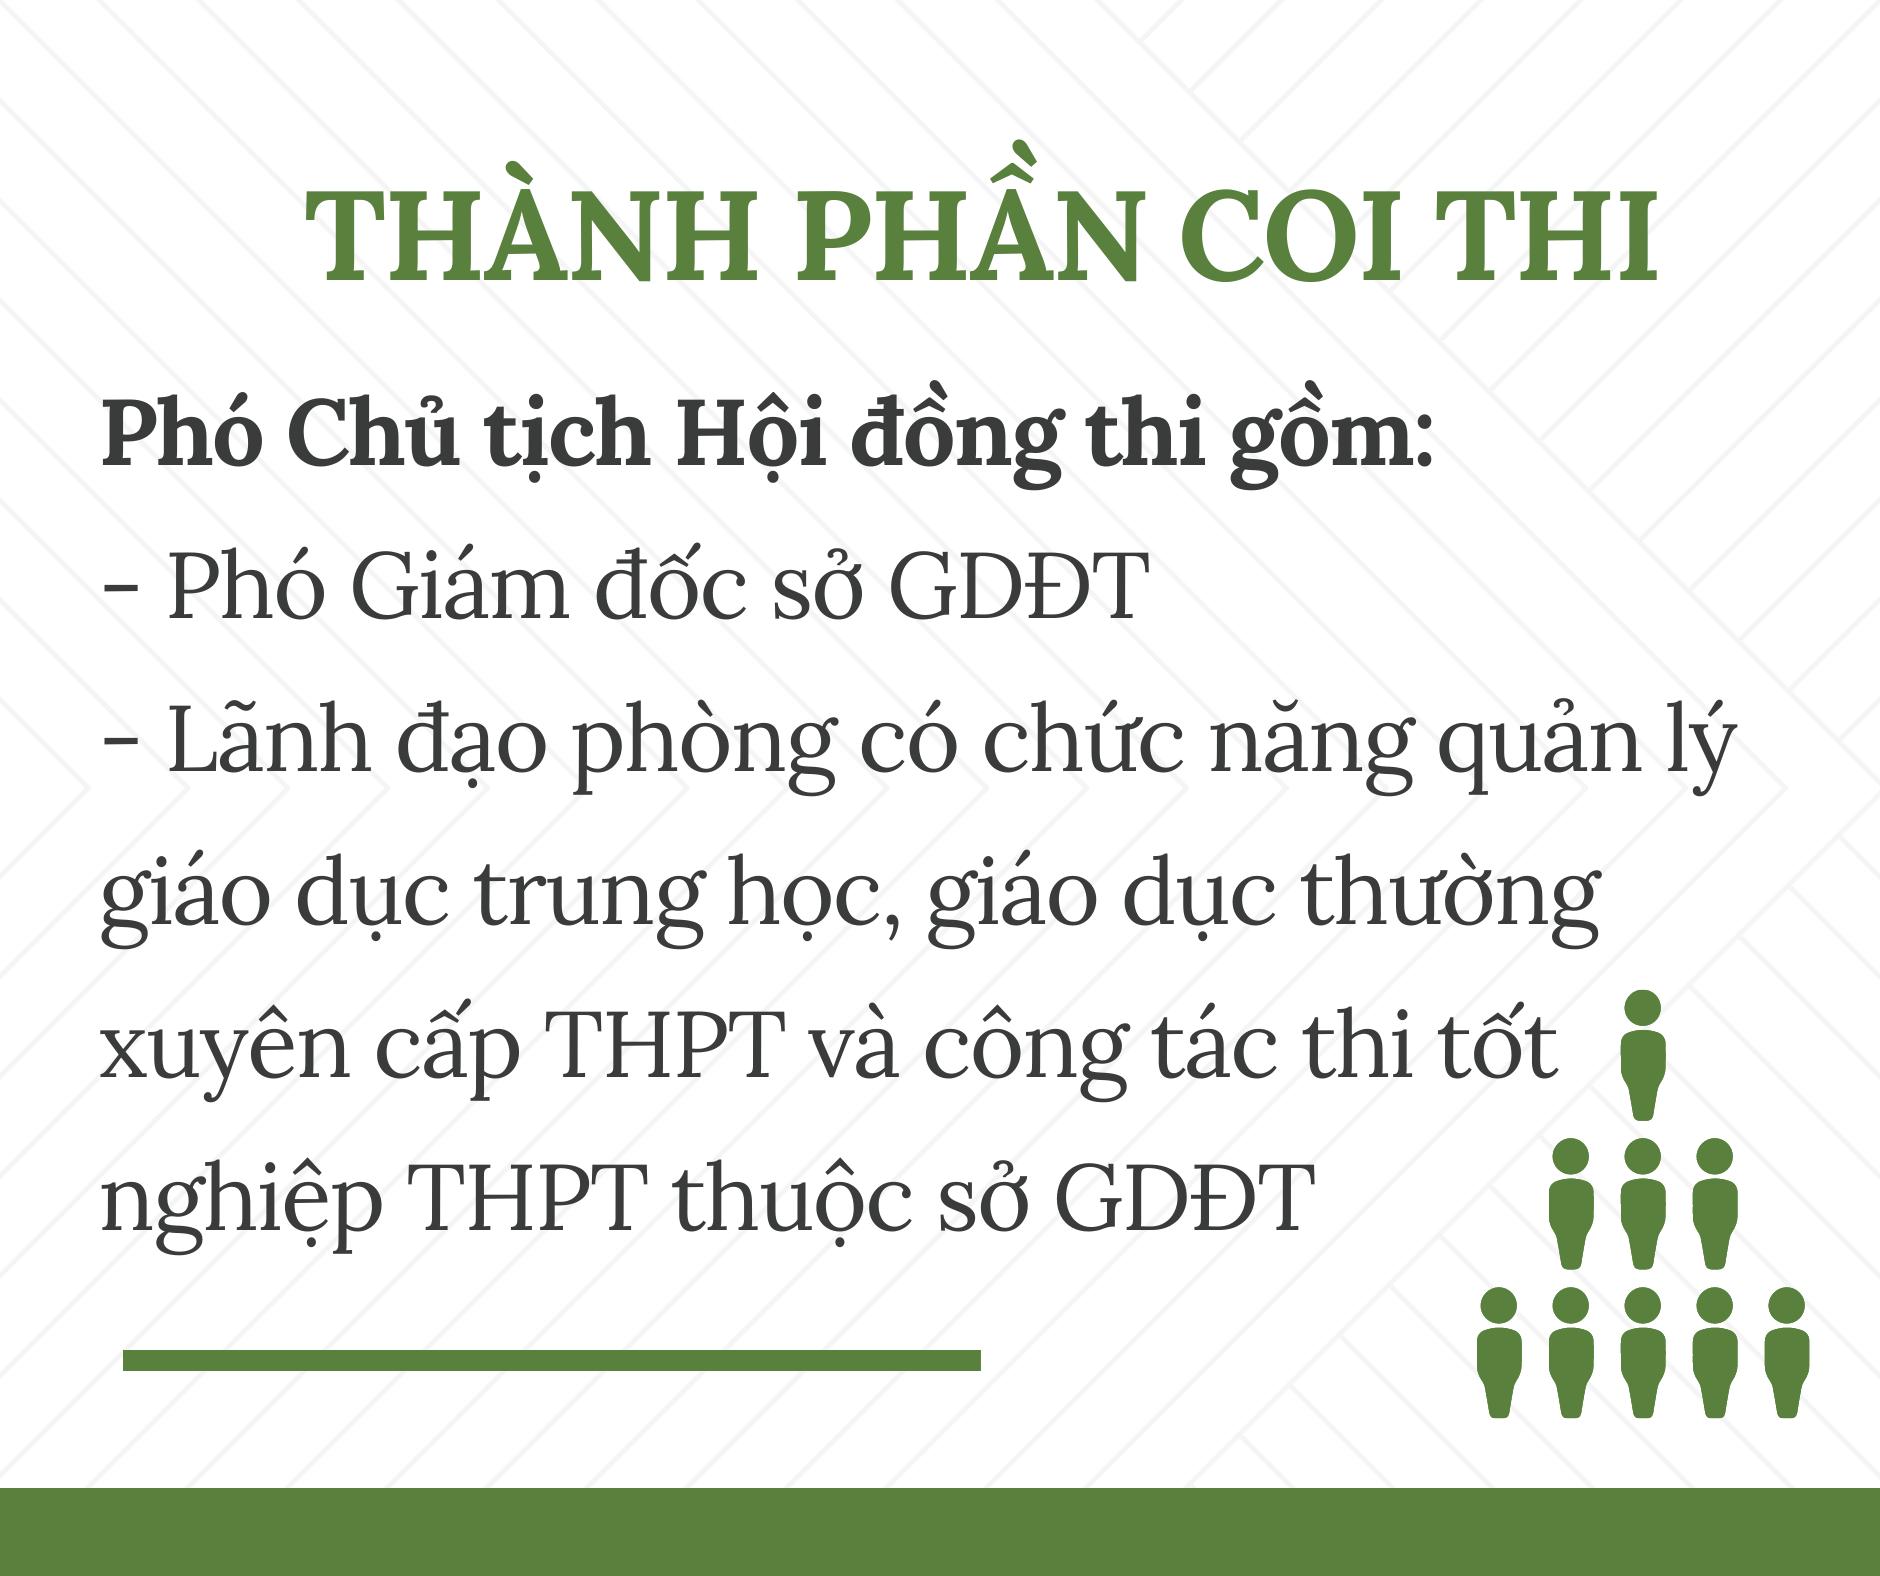 Những thay đổi đáng chú ý trong kỳ thi tốt nghiệp THPT năm 2021 - Ảnh 5.